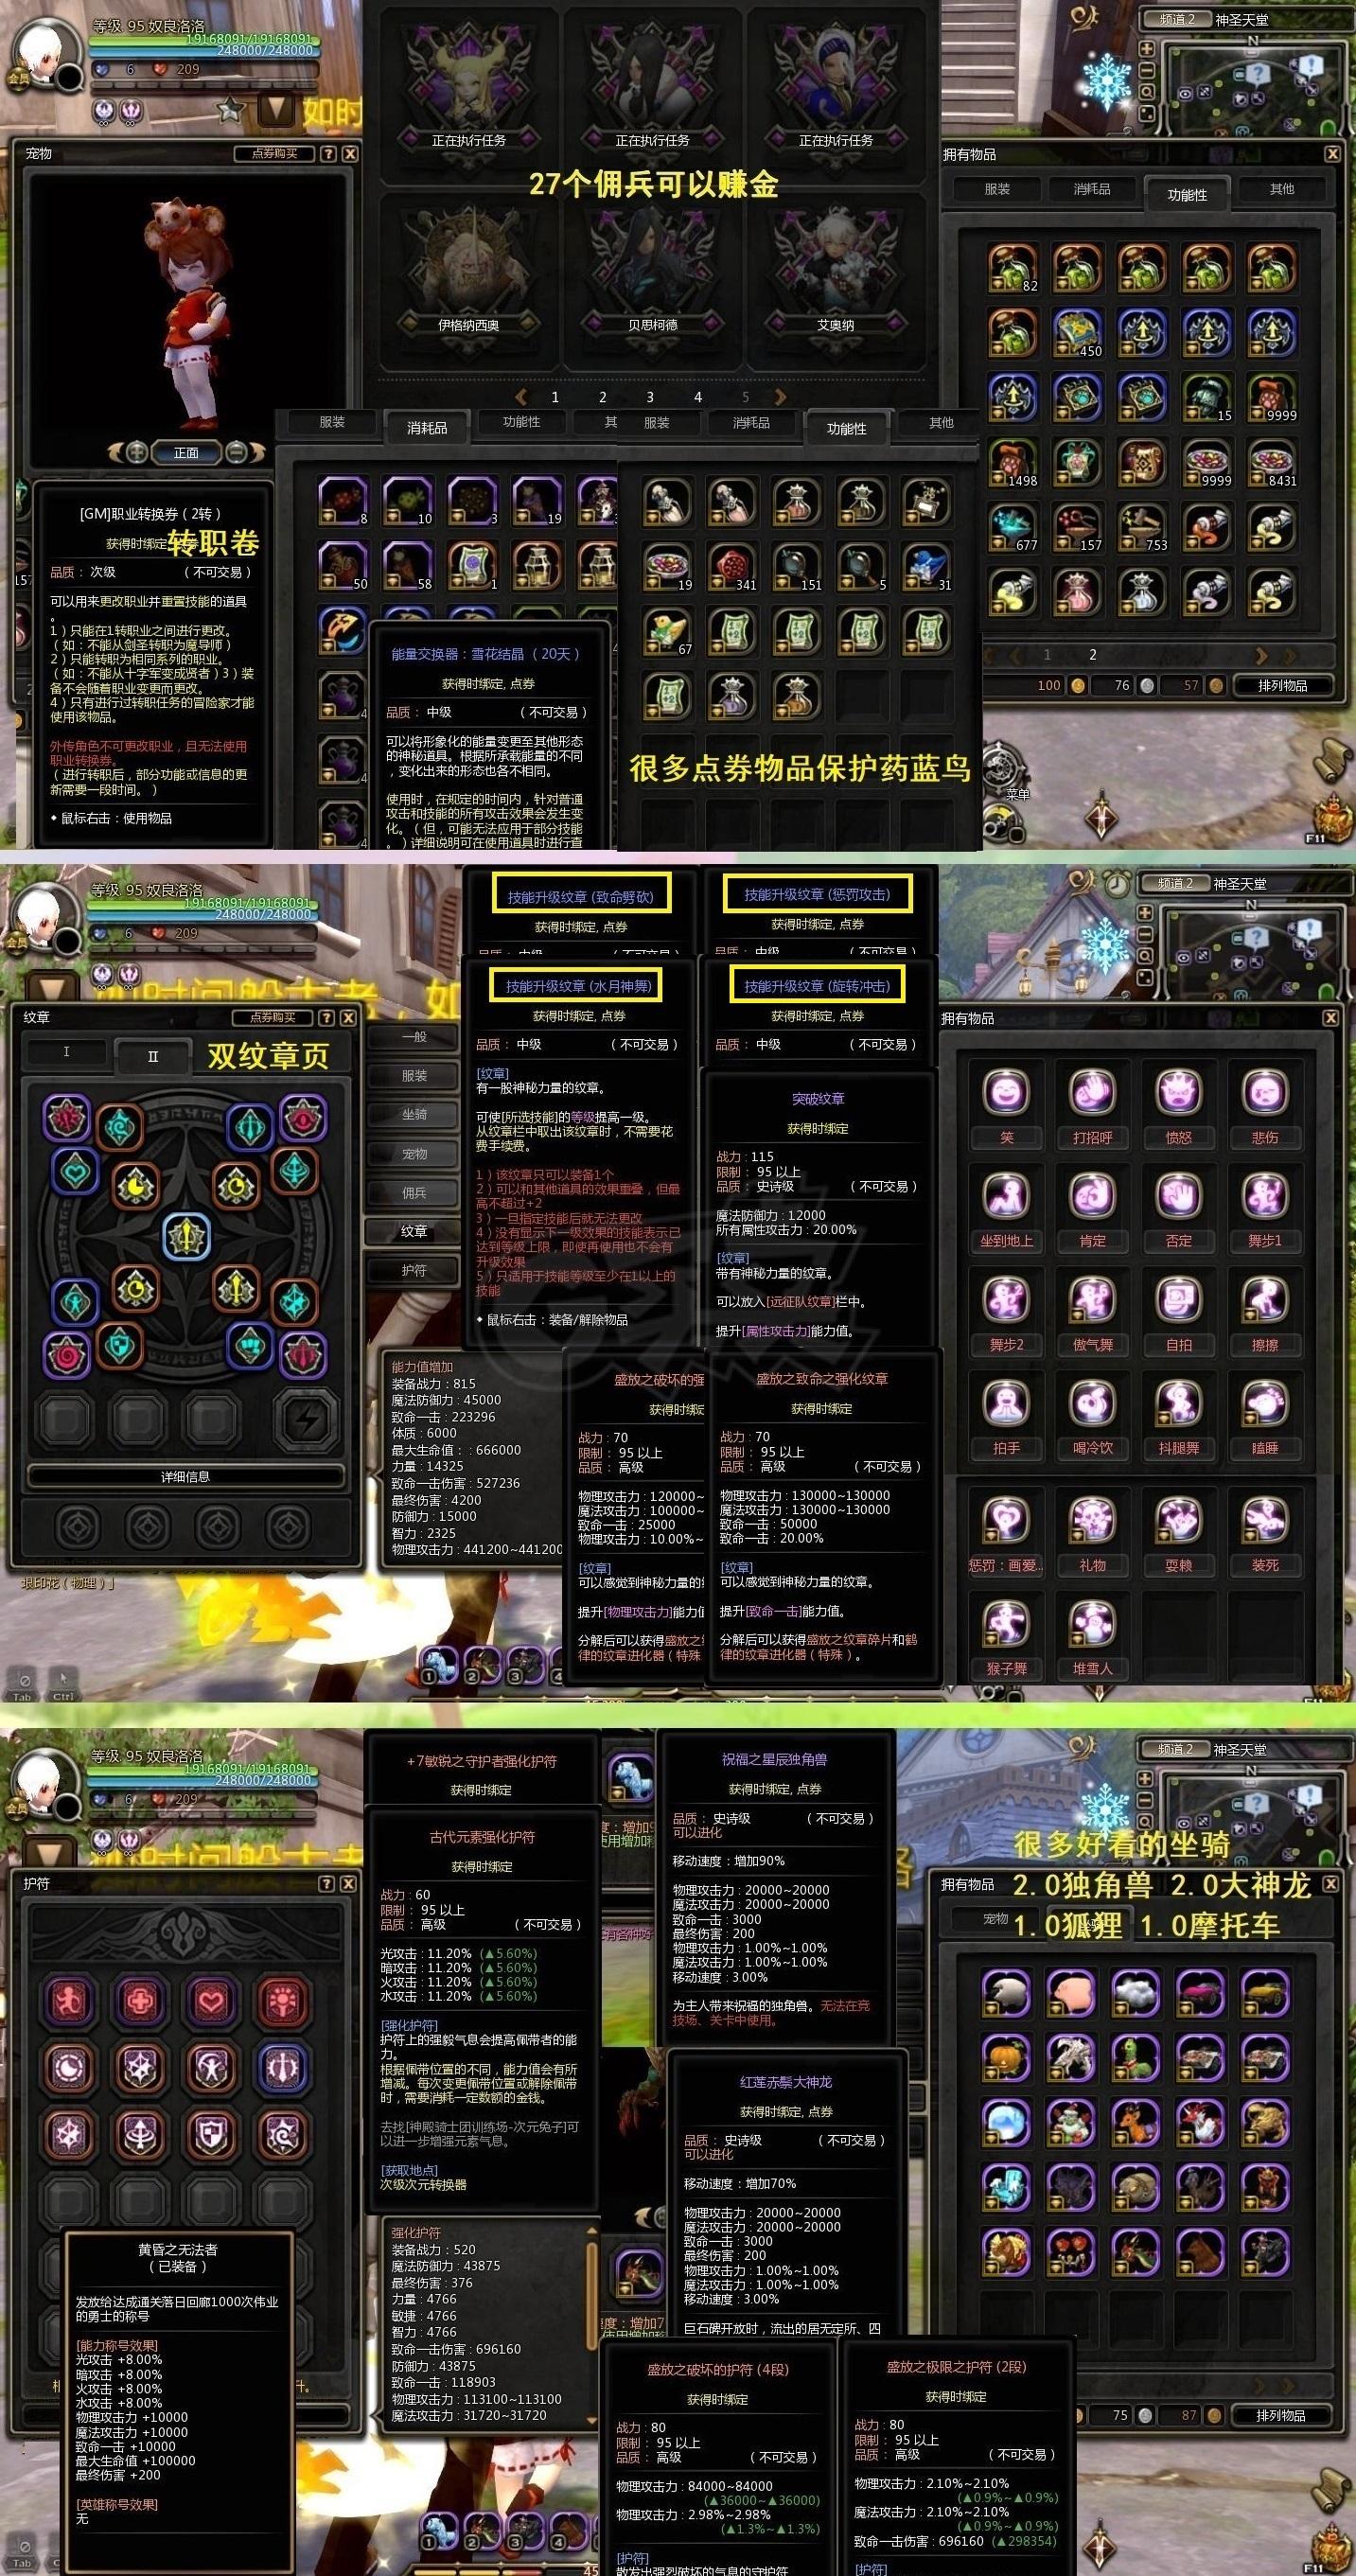 龙之谷-账号-[毁灭者95级]至尊V8真8变换可转月主剑皇消费大几万夜喵L精灵